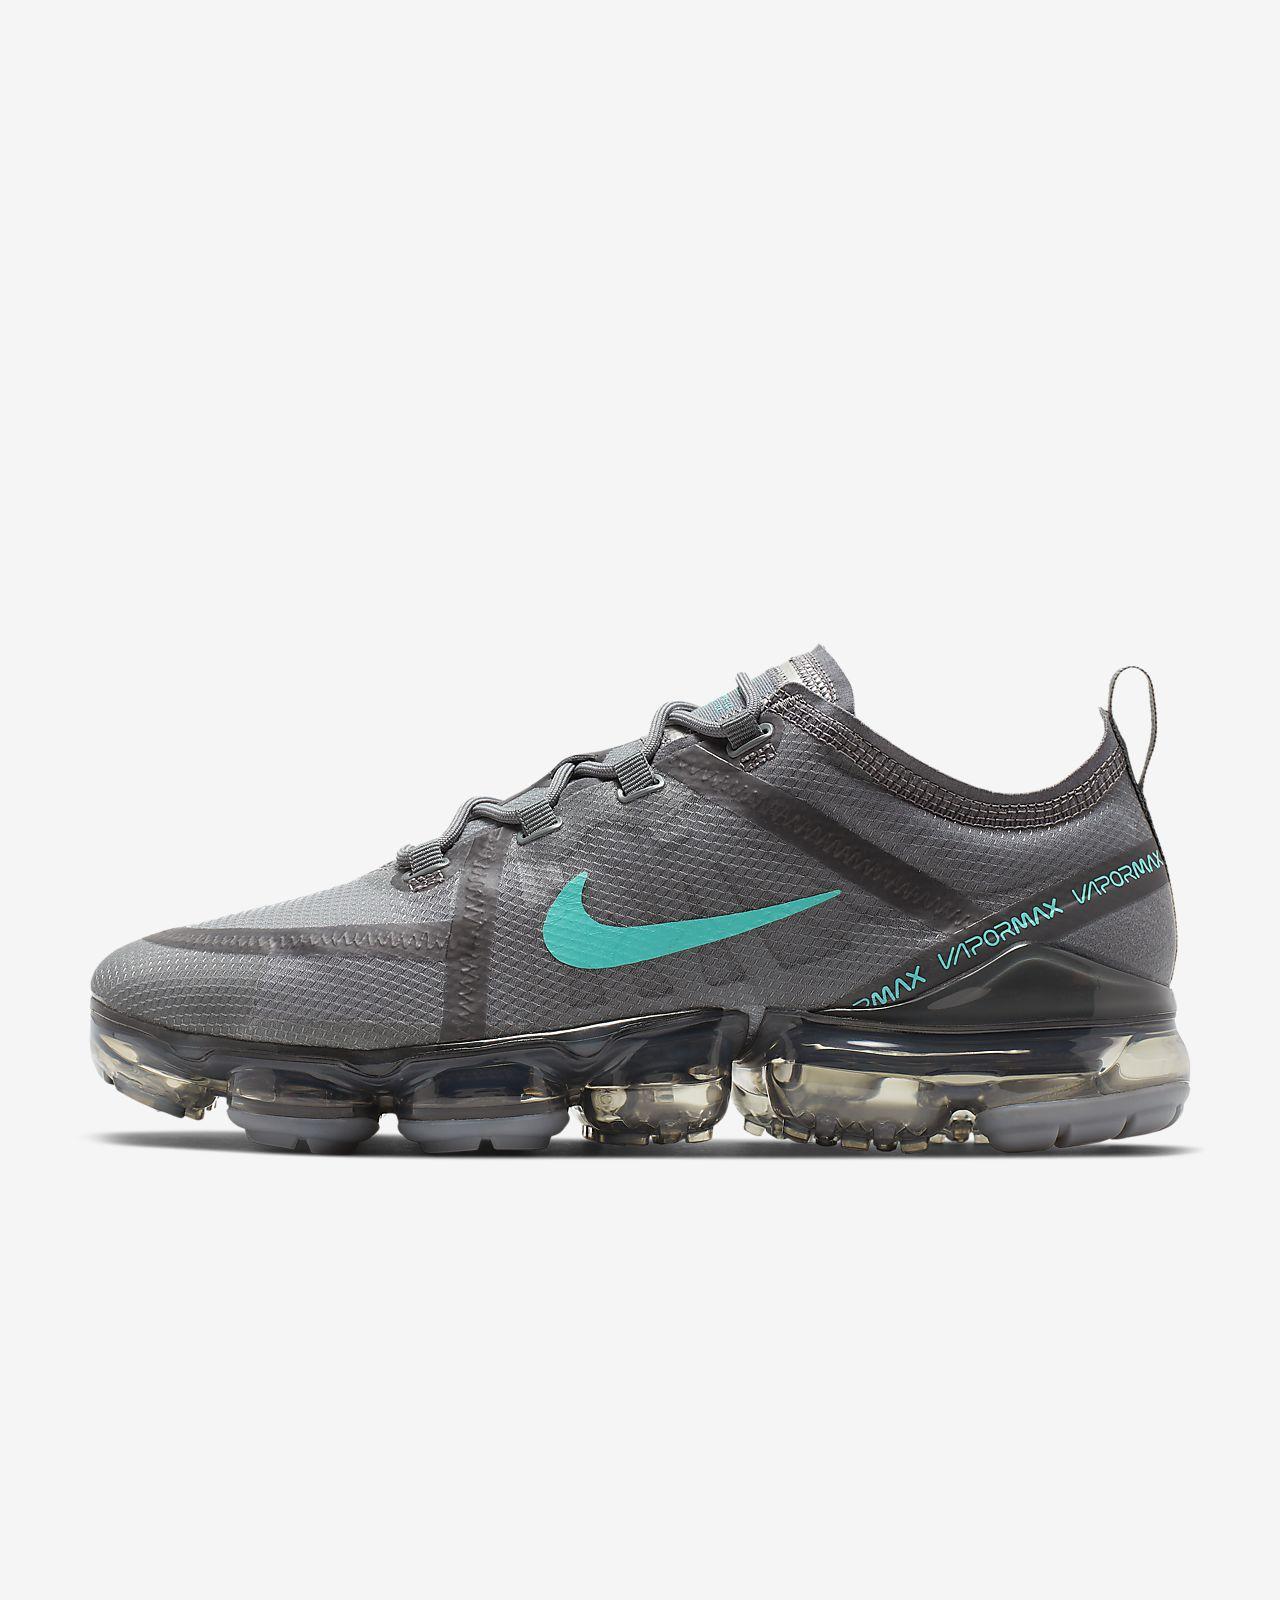 Air Homme Pour Chaussure Nike Vapormax 2019 n0NwvOm8